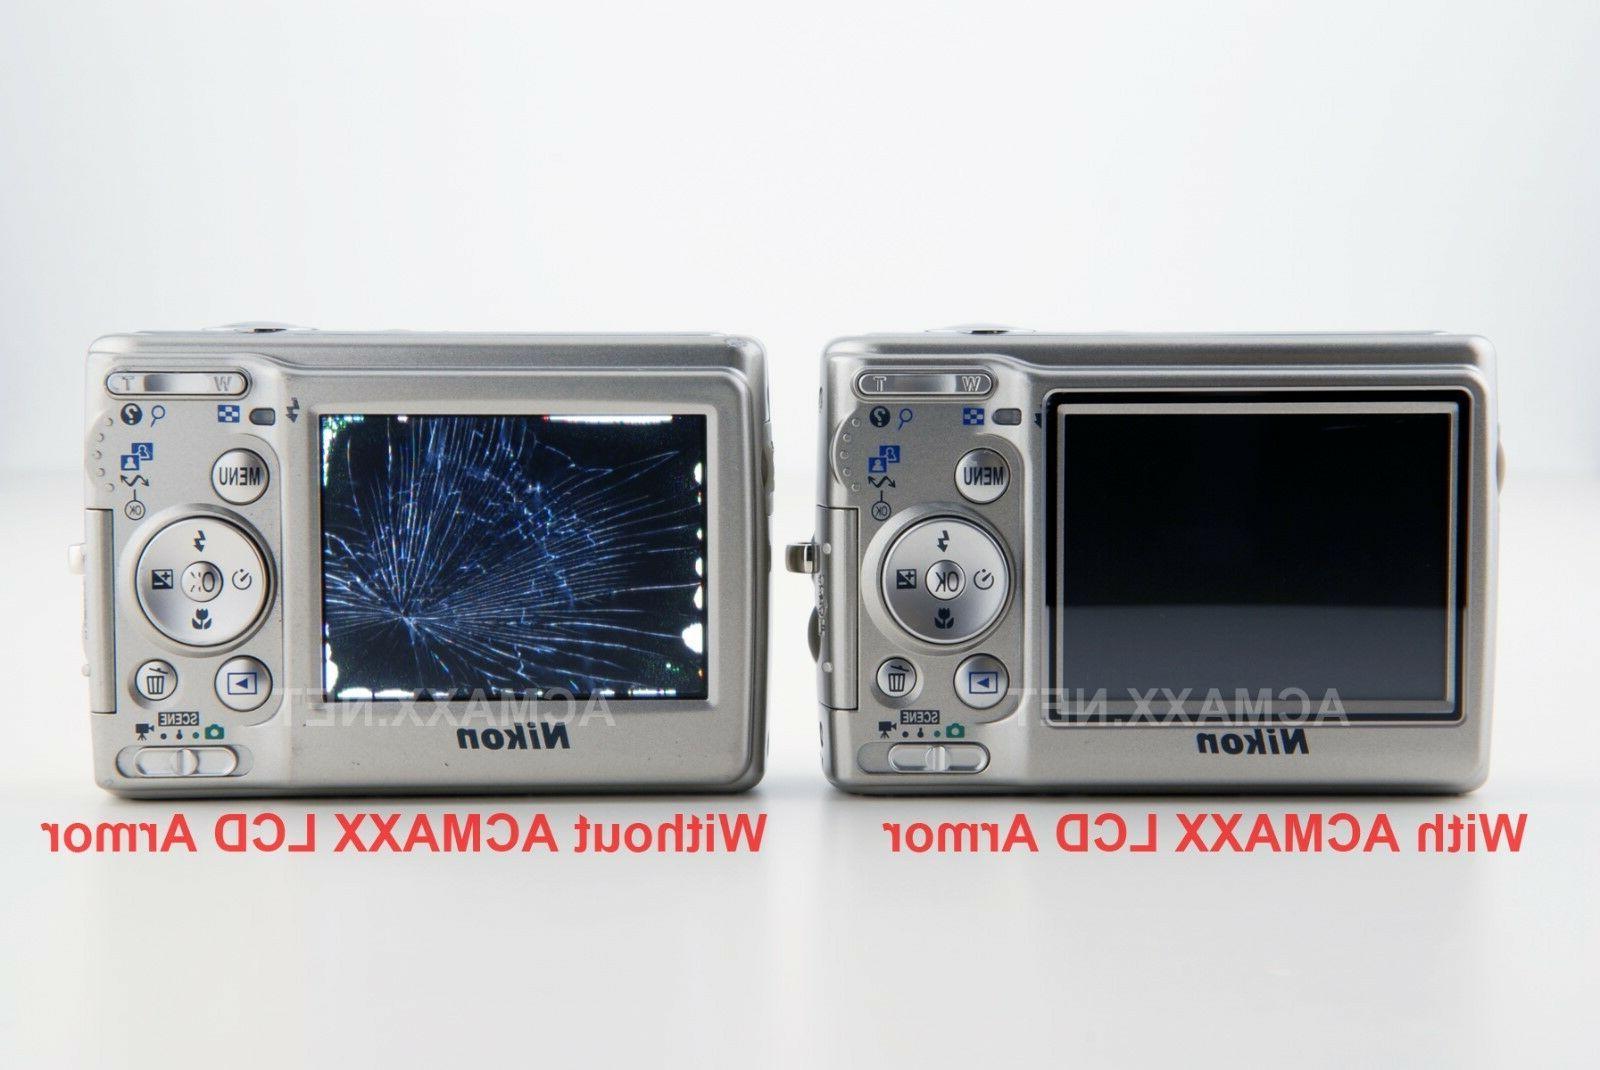 ACMAXX SCREEN Nikon D5300 D-5300 camera HDSLR DSLR